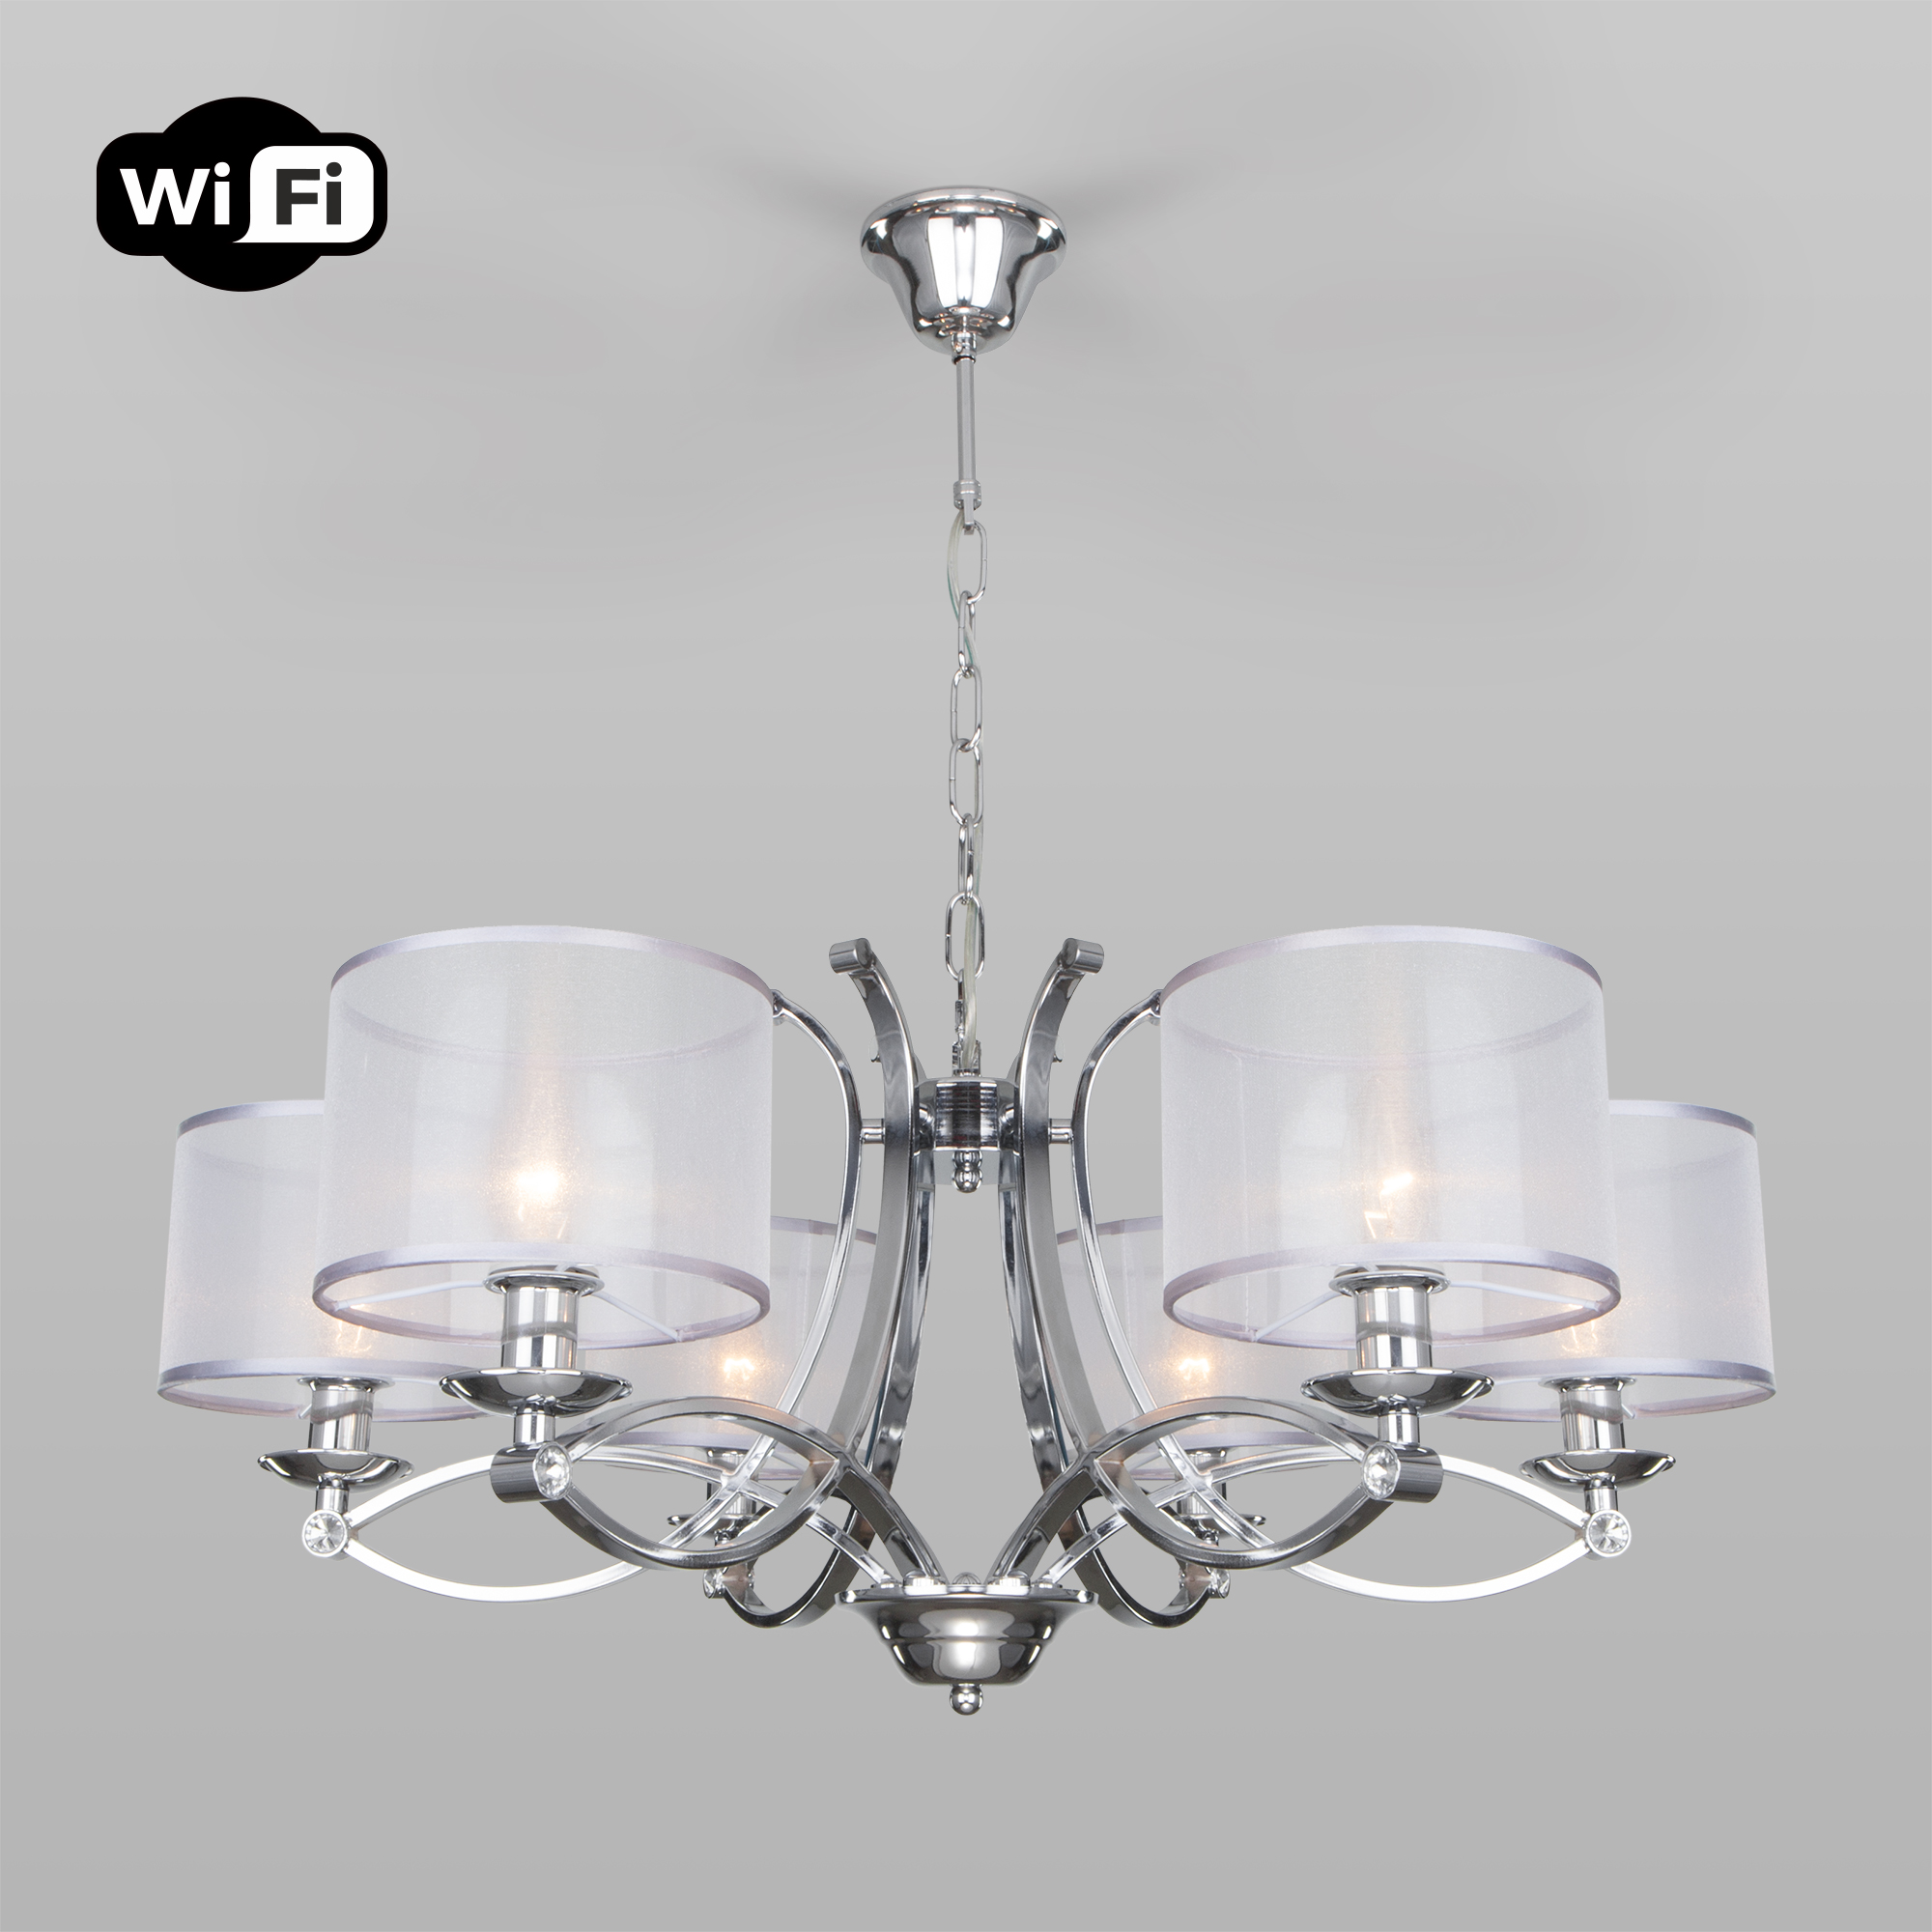 Подвесная люстра с управлением по Wi-Fi 60124/6 хром Smart (60109/6)